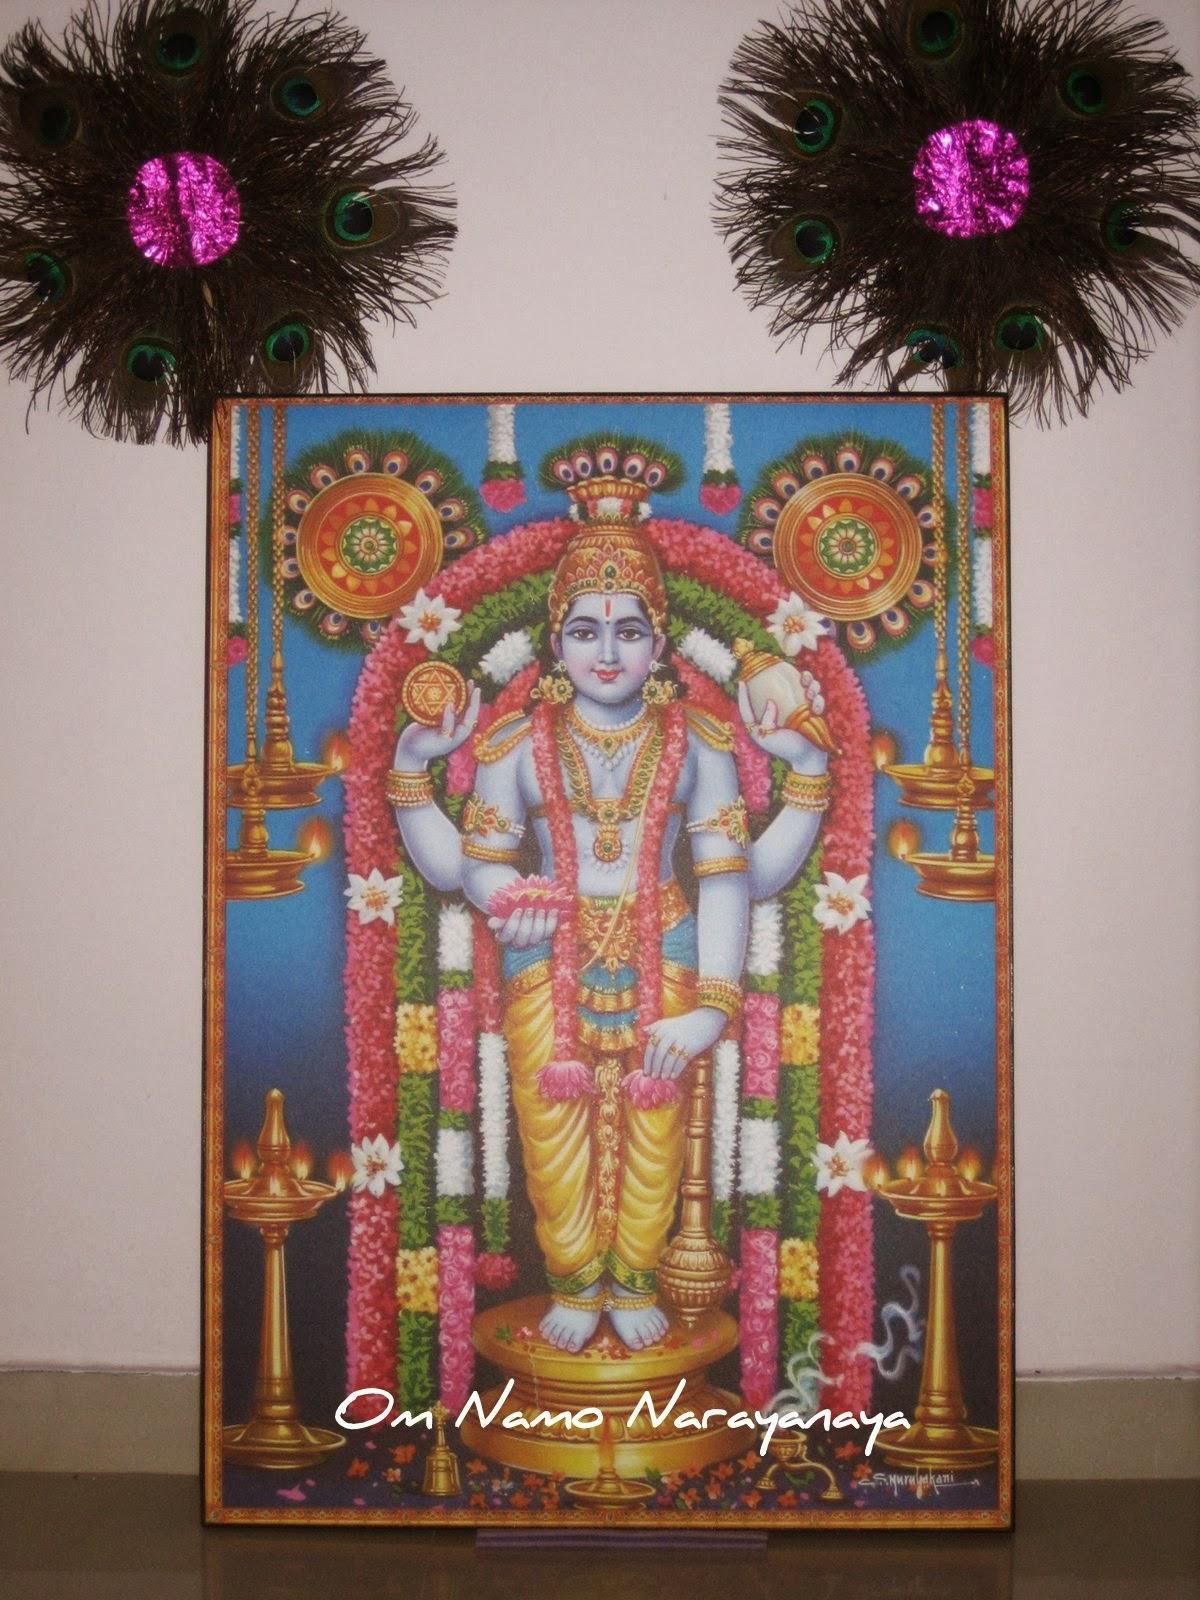 ஸ்ரீ நாராயணீயம் - தசகம் 39, ஸ்ரீ நாராயணீயம் 39வது தசகம், ஸ்ரீமந் நாராயணீயம், ஸ்ரீ நாராயணீயம், ஸ்ரீமத் நாராயணீயம், நாராயணீயம், ஸ்ரீமன் நாராயணீயம் Narayaneeyam, Sree Narayaneeyam, Sriman narayaneeyam,Srimad Narayaneeyam